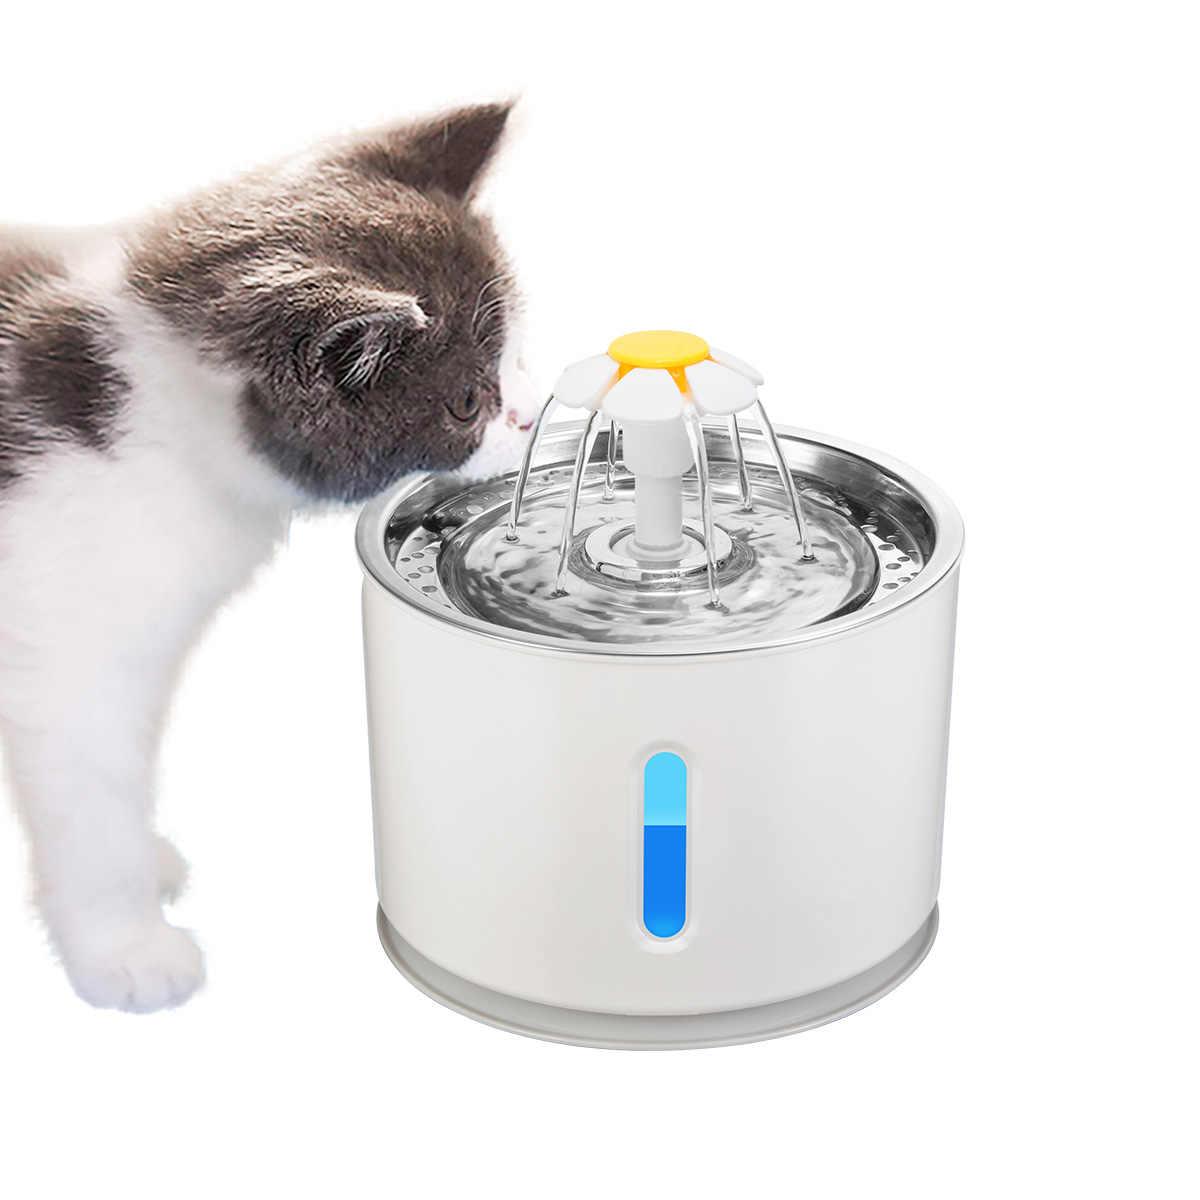 2.4Lสัตว์เลี้ยงอัตโนมัติน้ำพุแมวสุนัขน้ำเครื่องดื่มชามจานตัวกรองLedดื่มเครื่องกรองCore